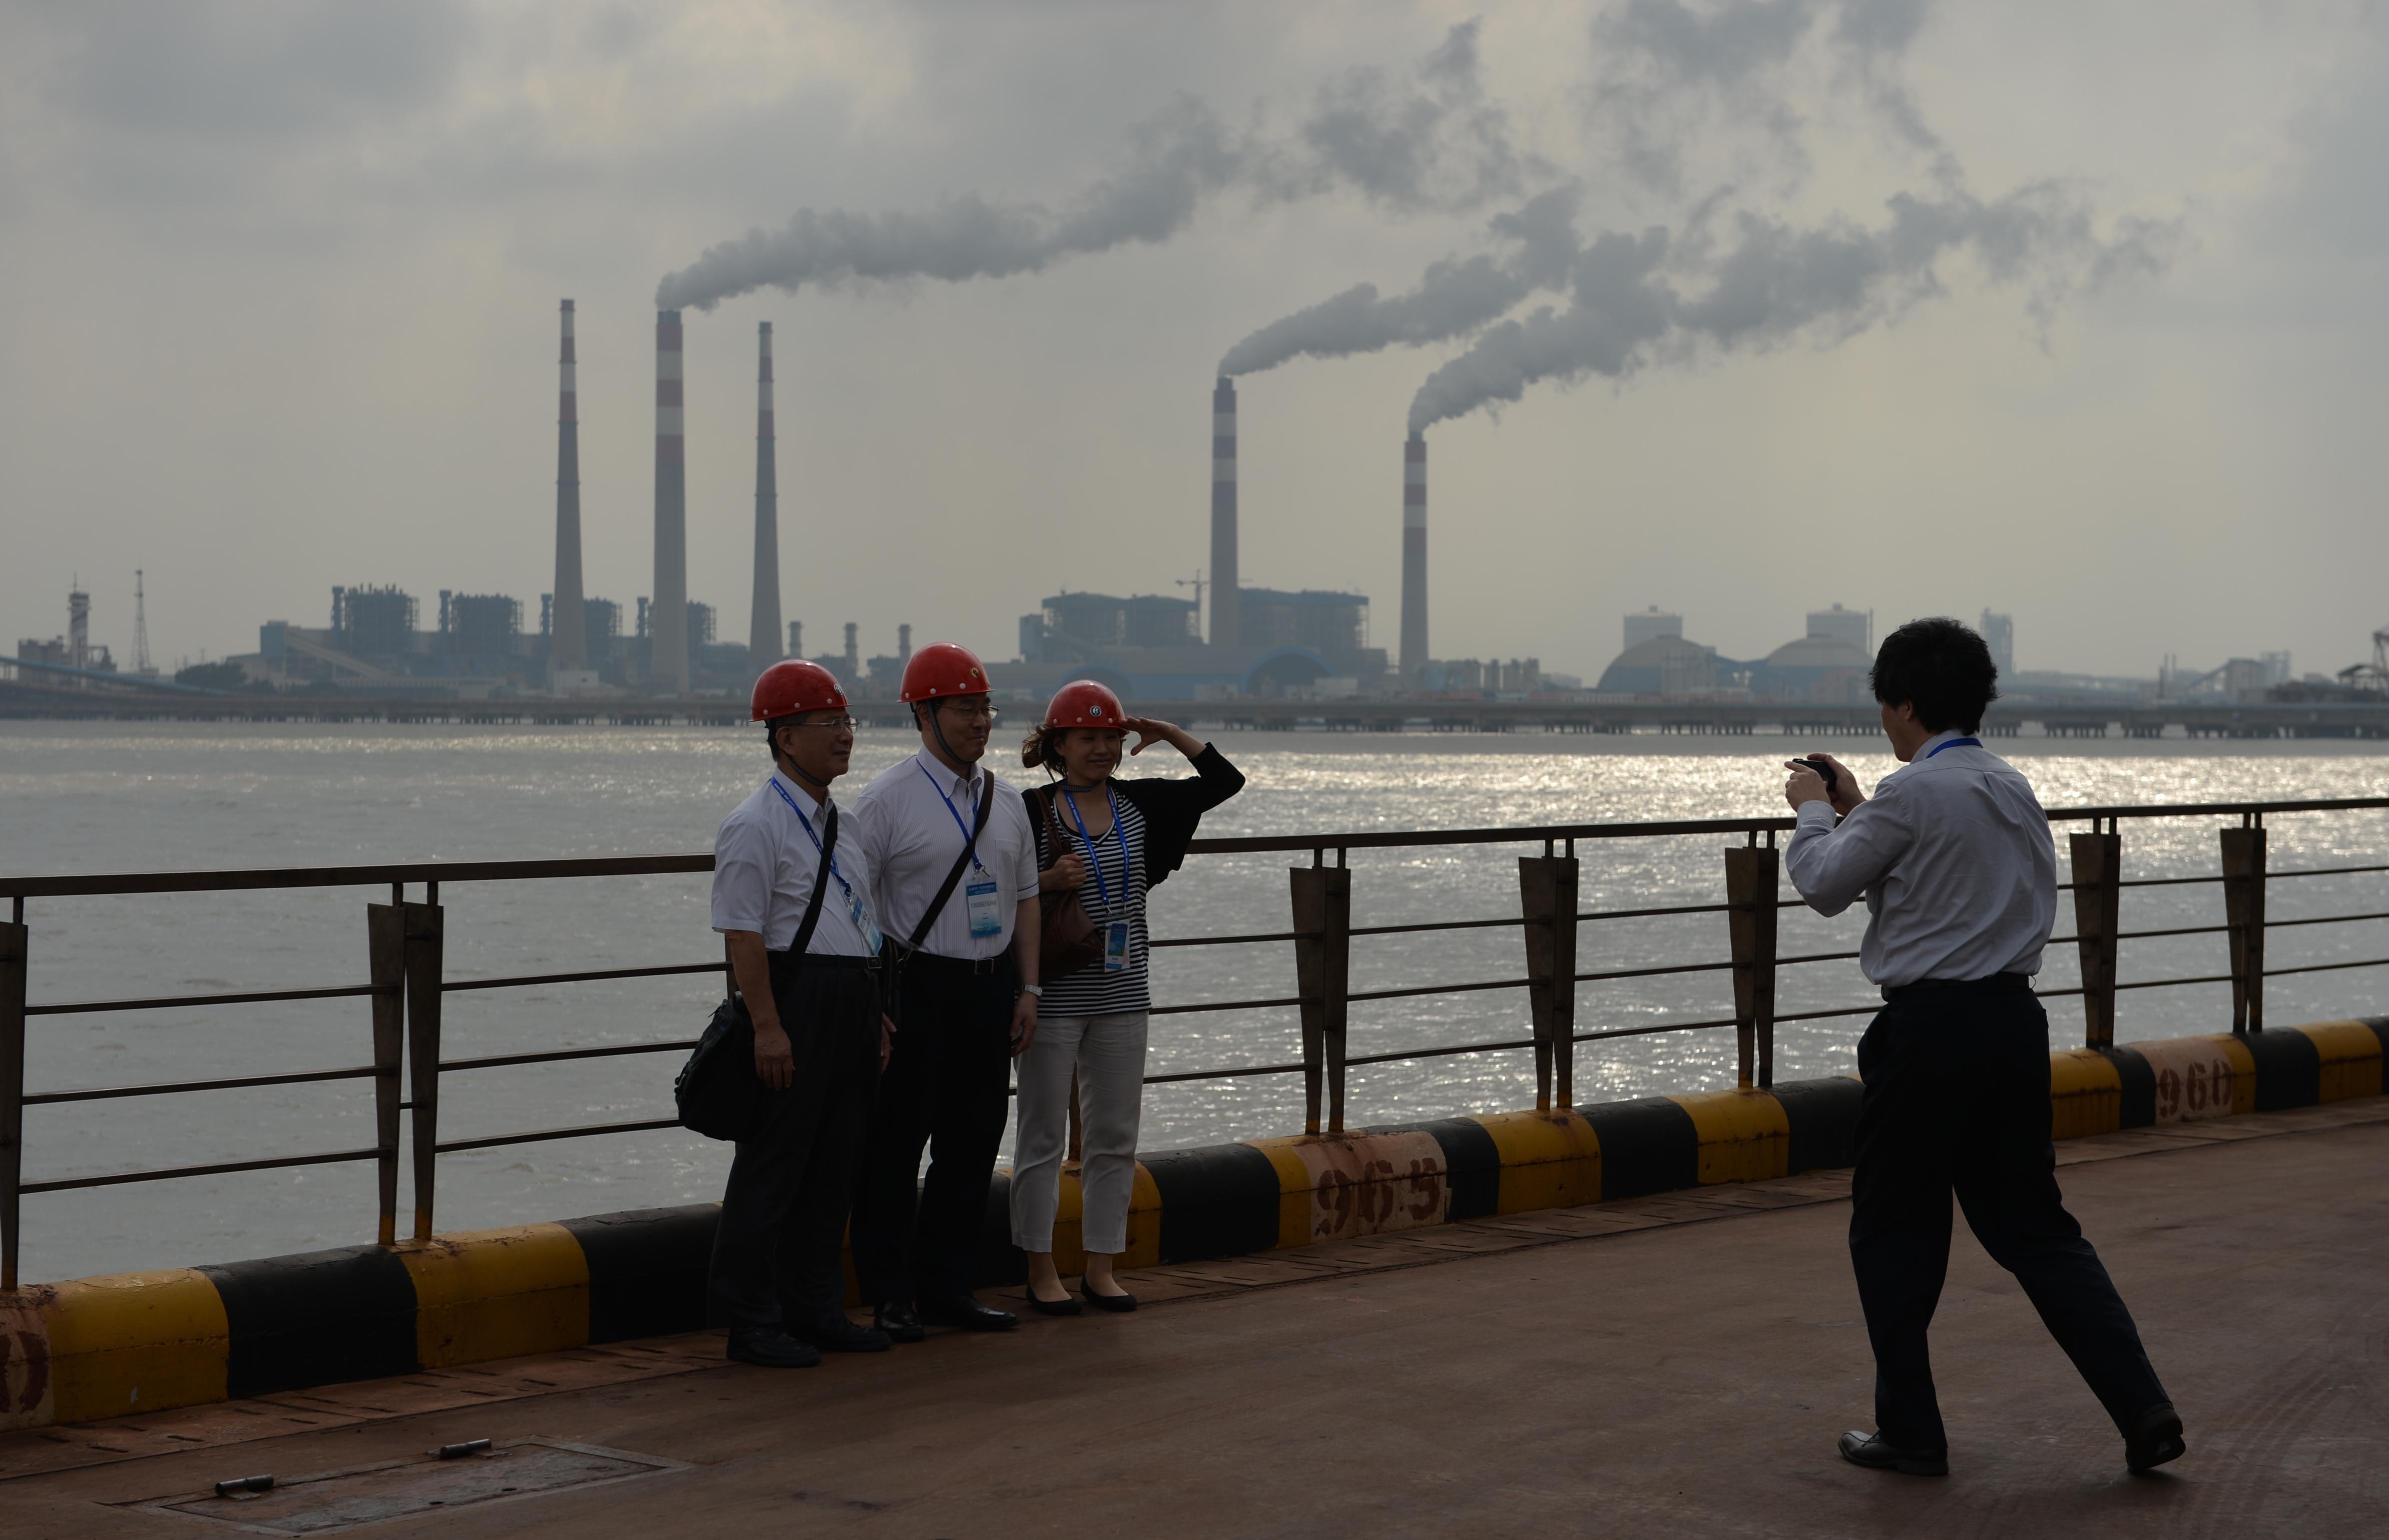 圖為2013年6月6日,幾名參觀者在參觀上海寶鋼鋼廠時拍照,其中一名行左手禮。(PETER PARKS/AFP/Getty Images)